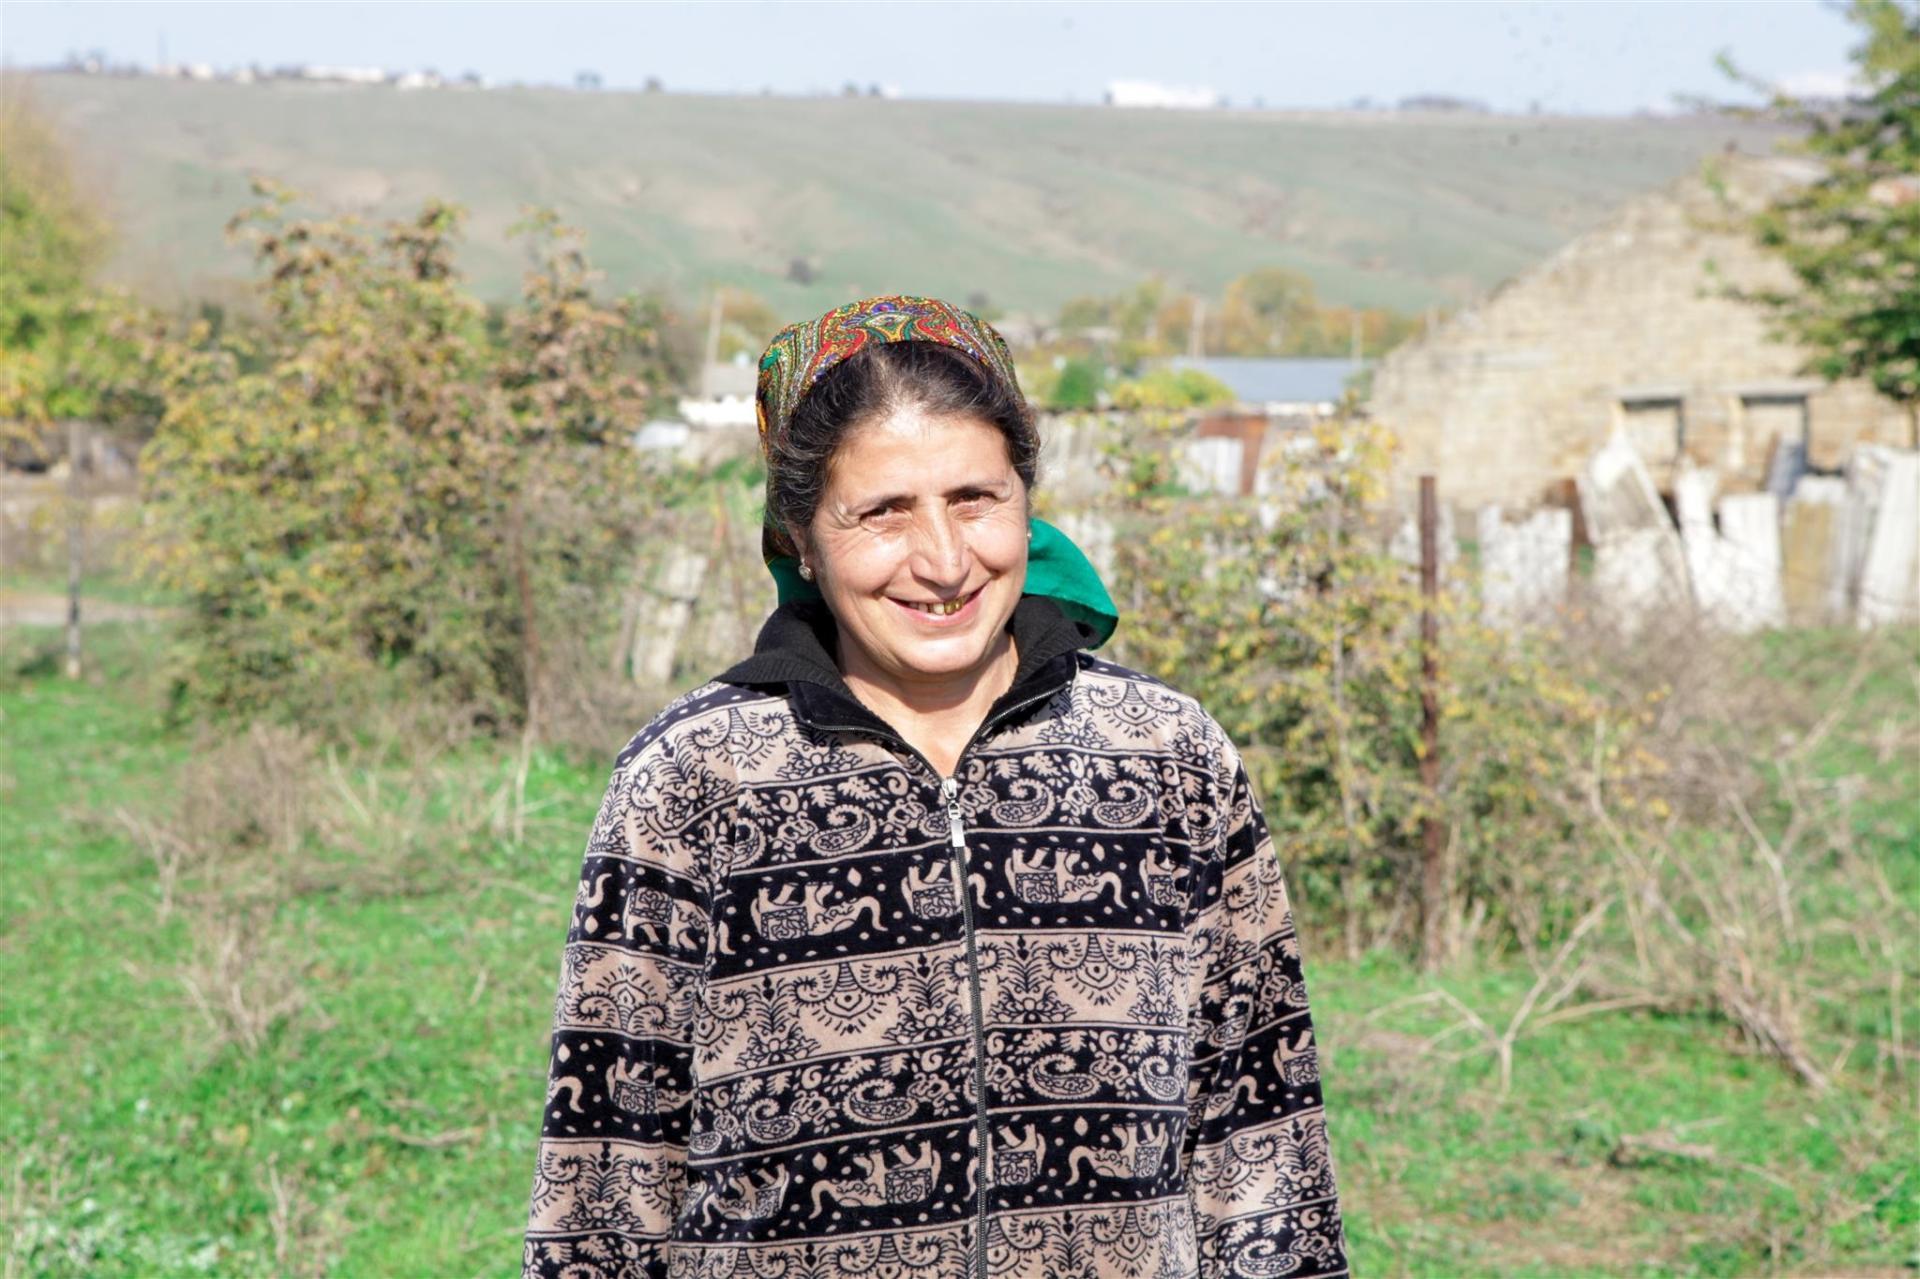 В Азербайджане в рамках программы самозанятости 160 семей получили товары и материалы (ФОТО)